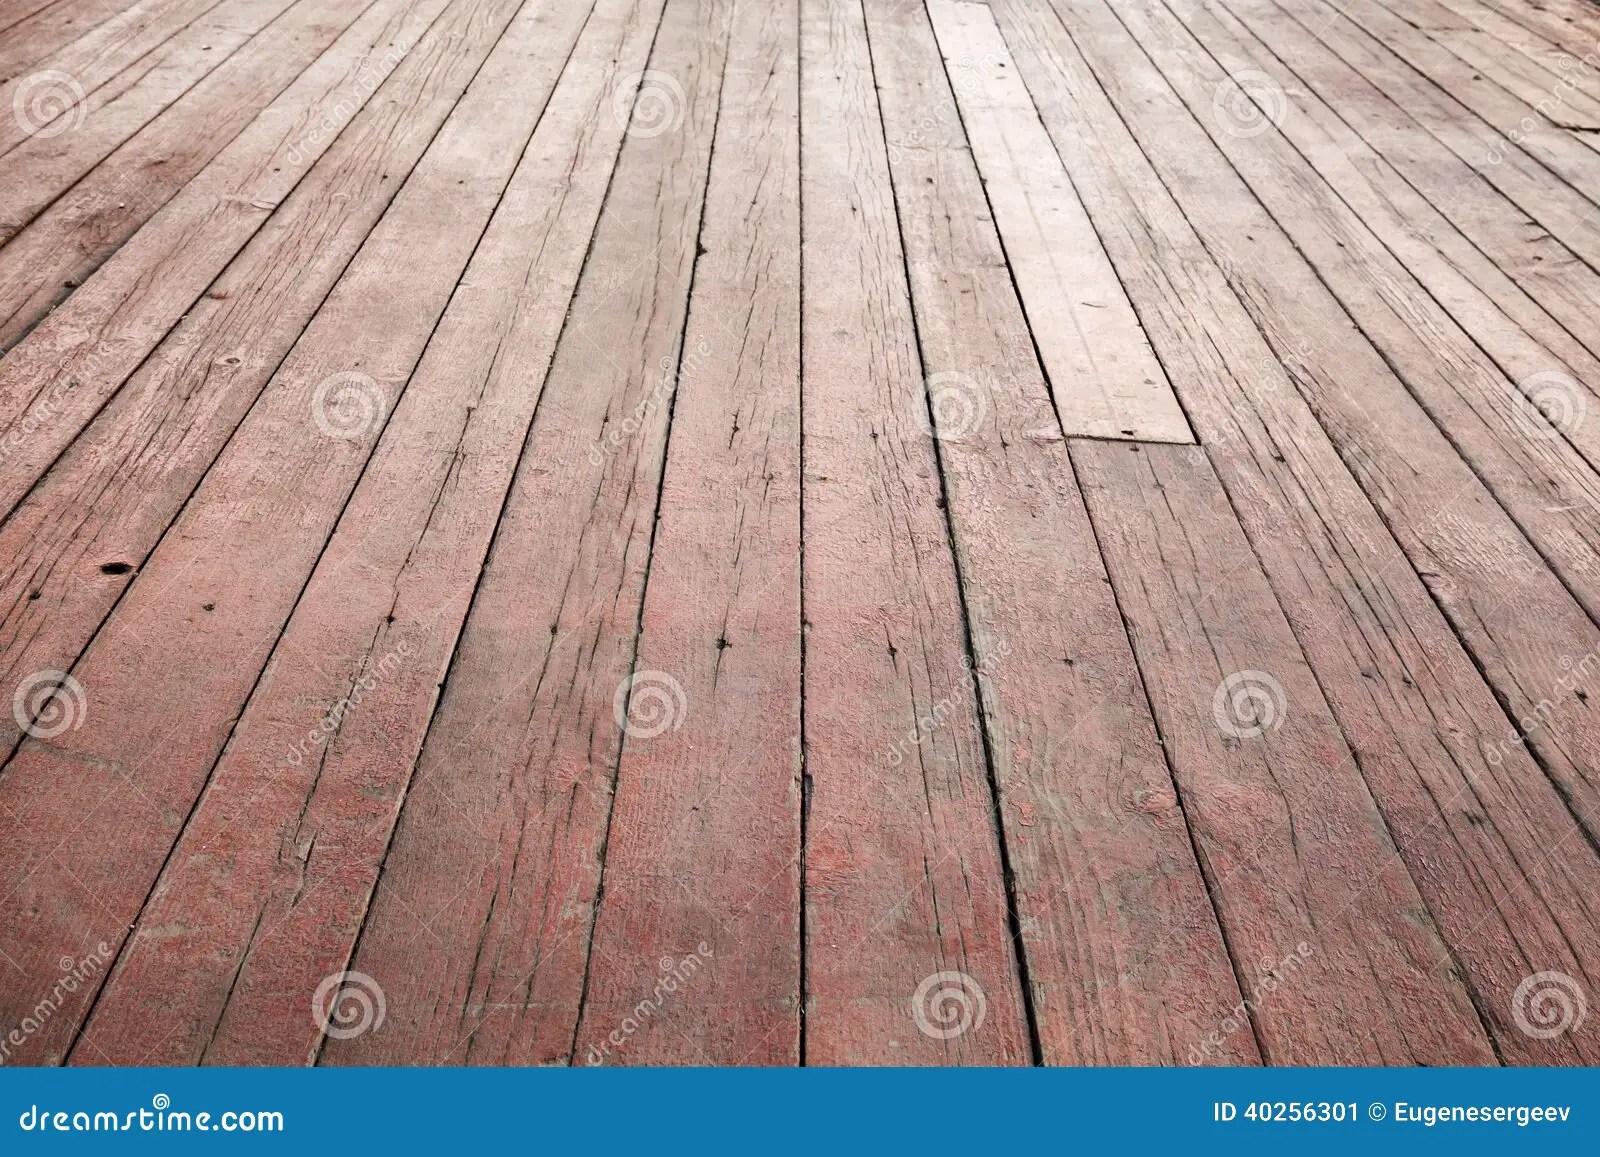 Red Wooden Floor Perspective Background Texture Stock